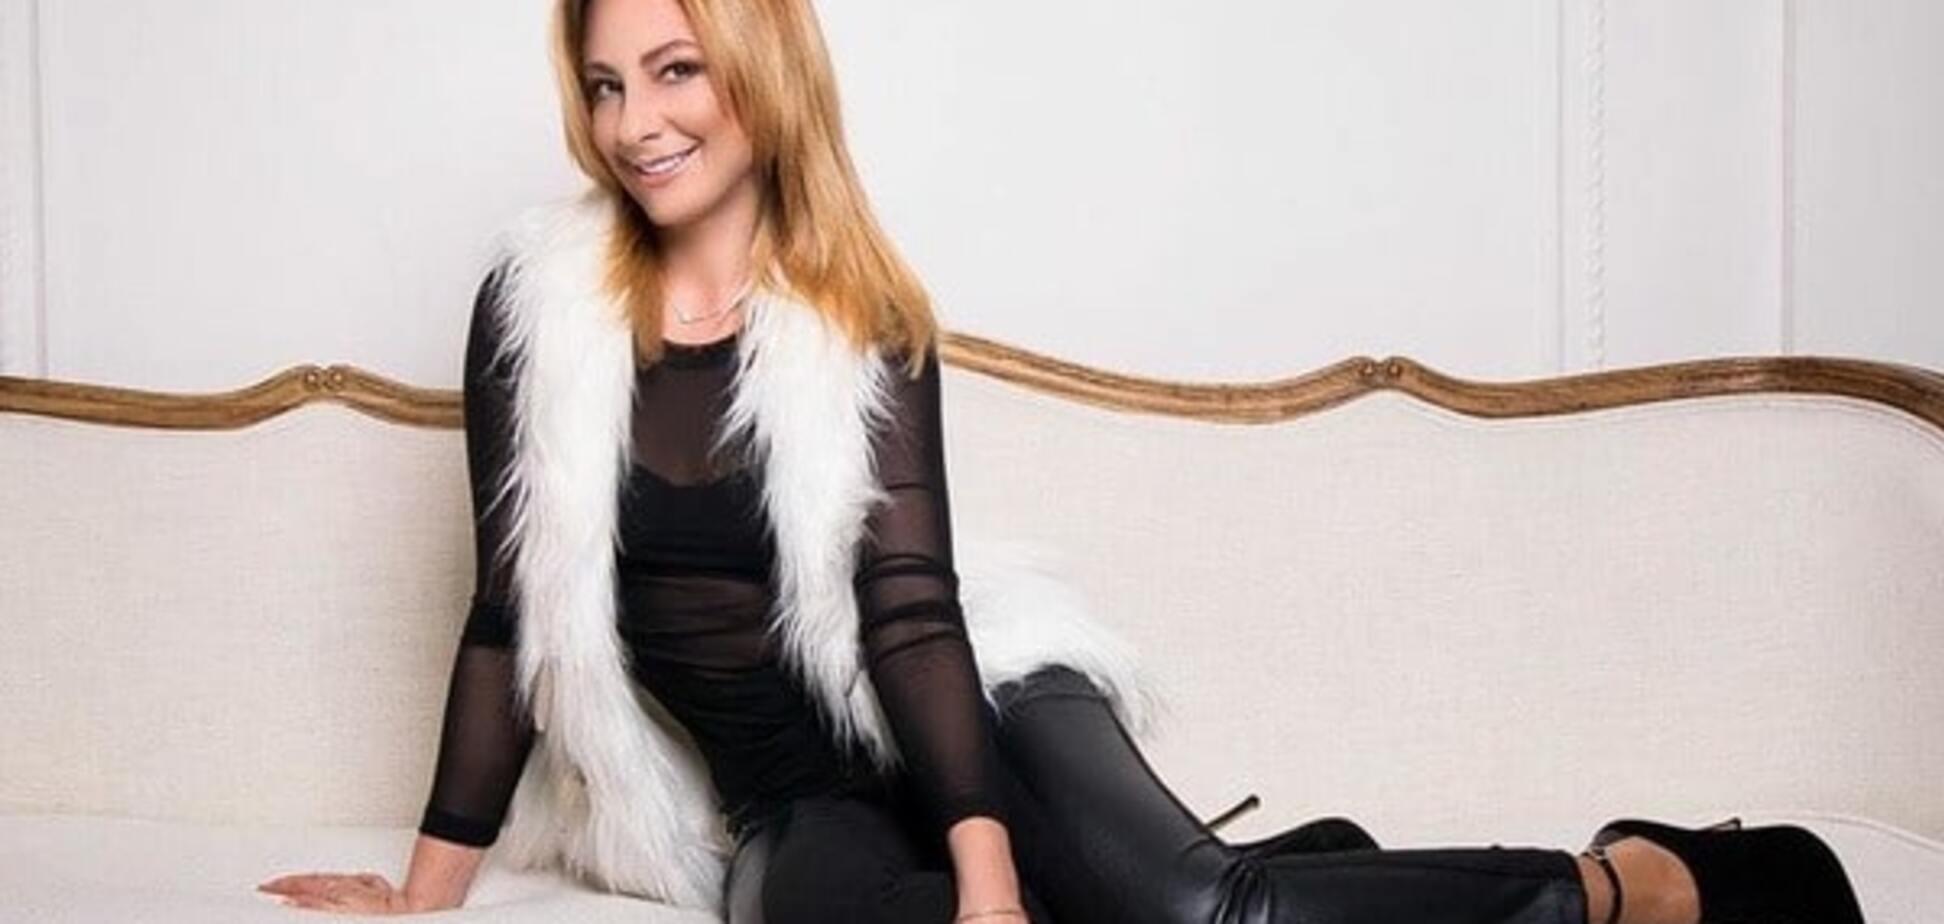 Опросник Пруста: украинская певица Елена Дарк откровенно рассказала о себе